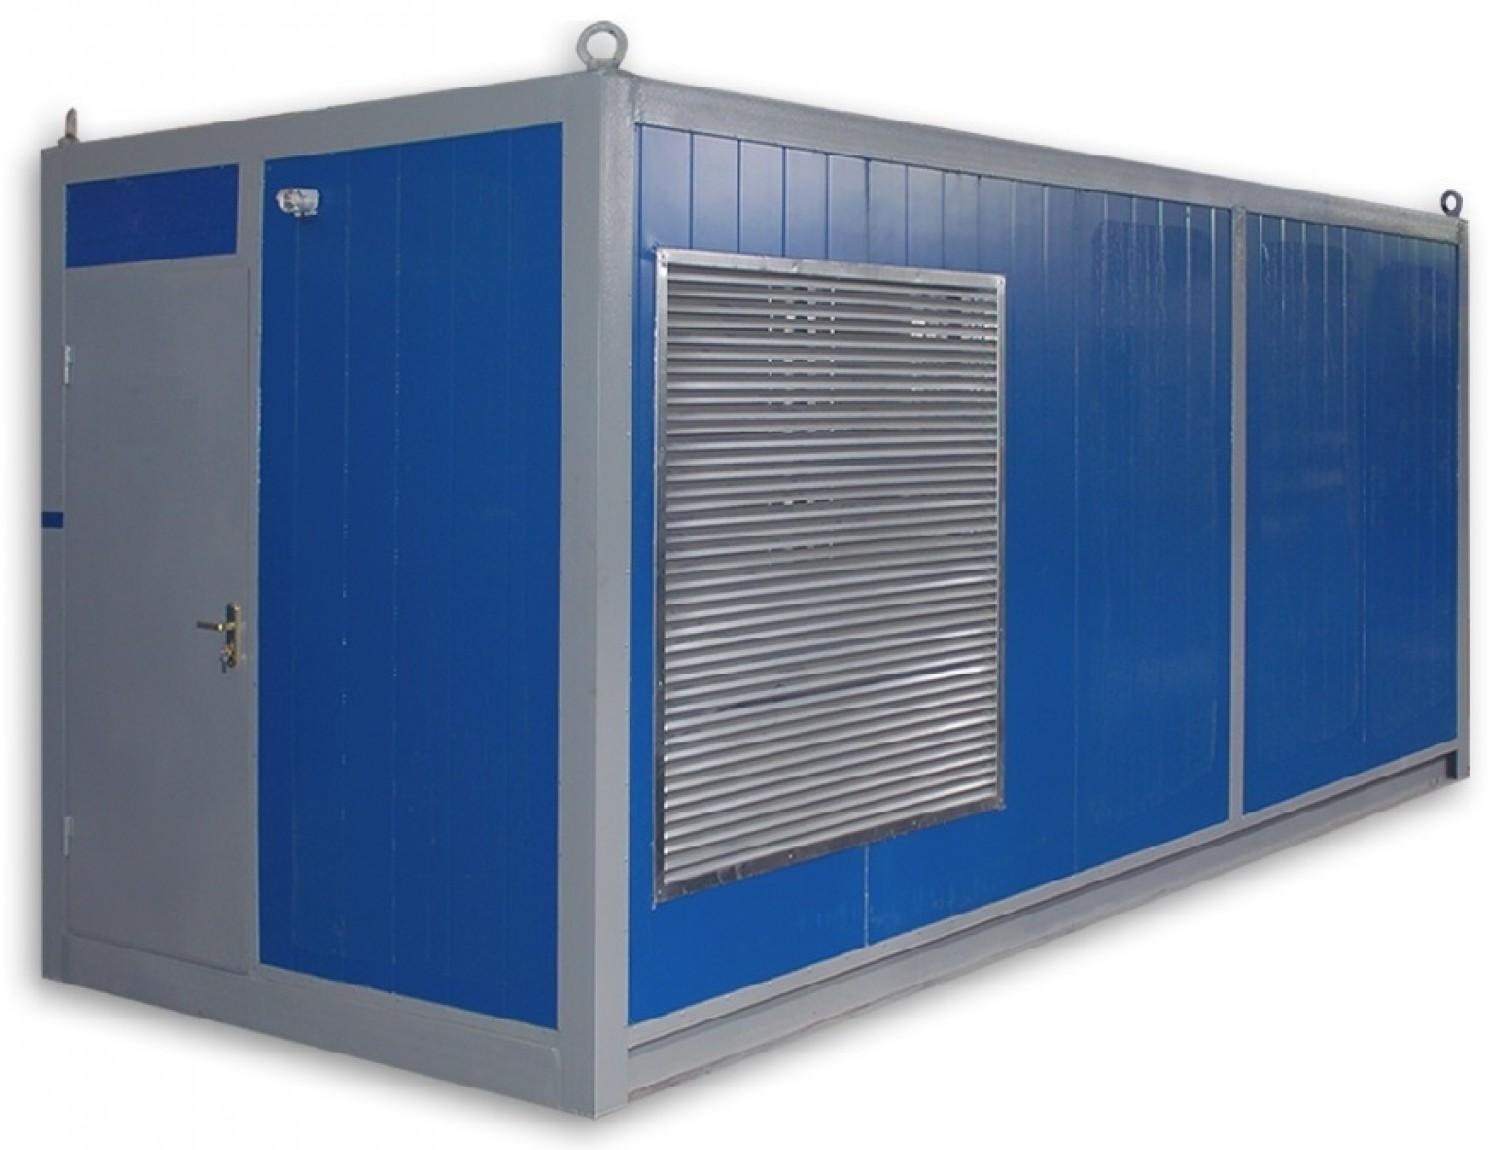 Внешний вид Азимут АД-550-Т400-1РН в контейнере